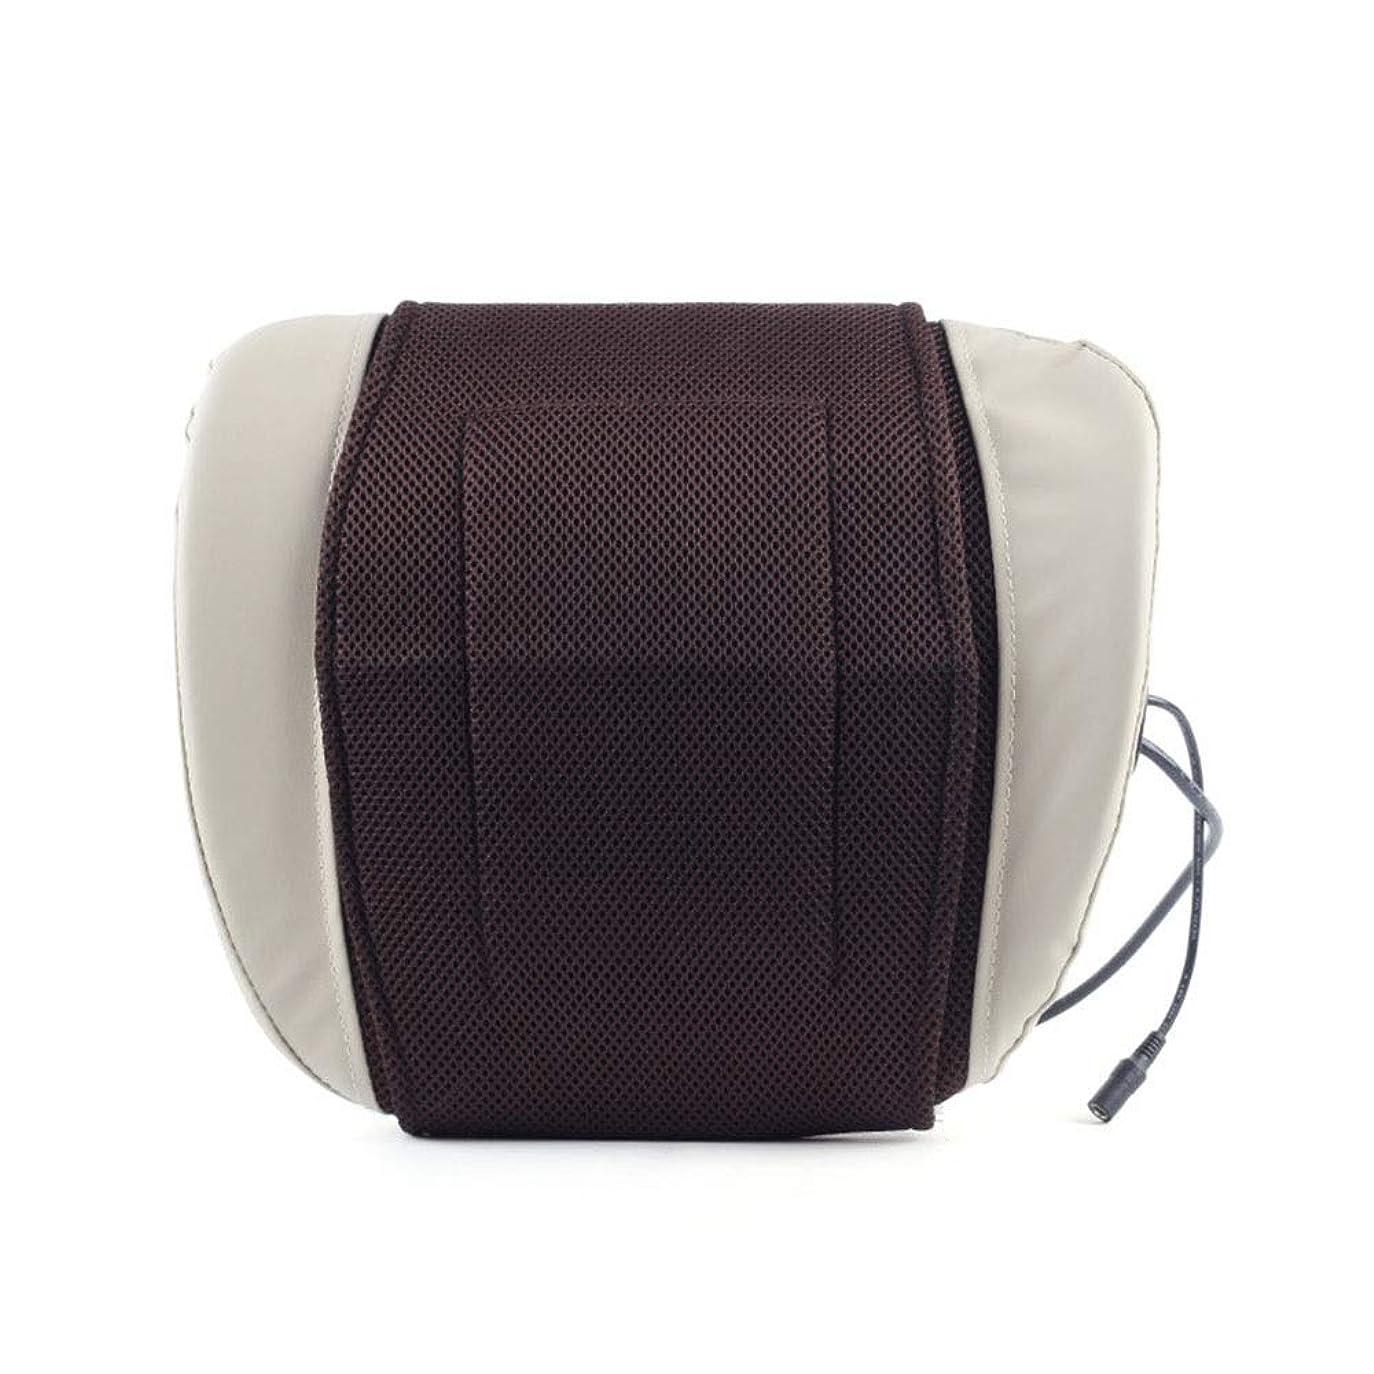 歌翻訳する療法ウエストマッサージャー理学療法器具Hotホット圧縮腰椎ディスククッションバック電気トラクター